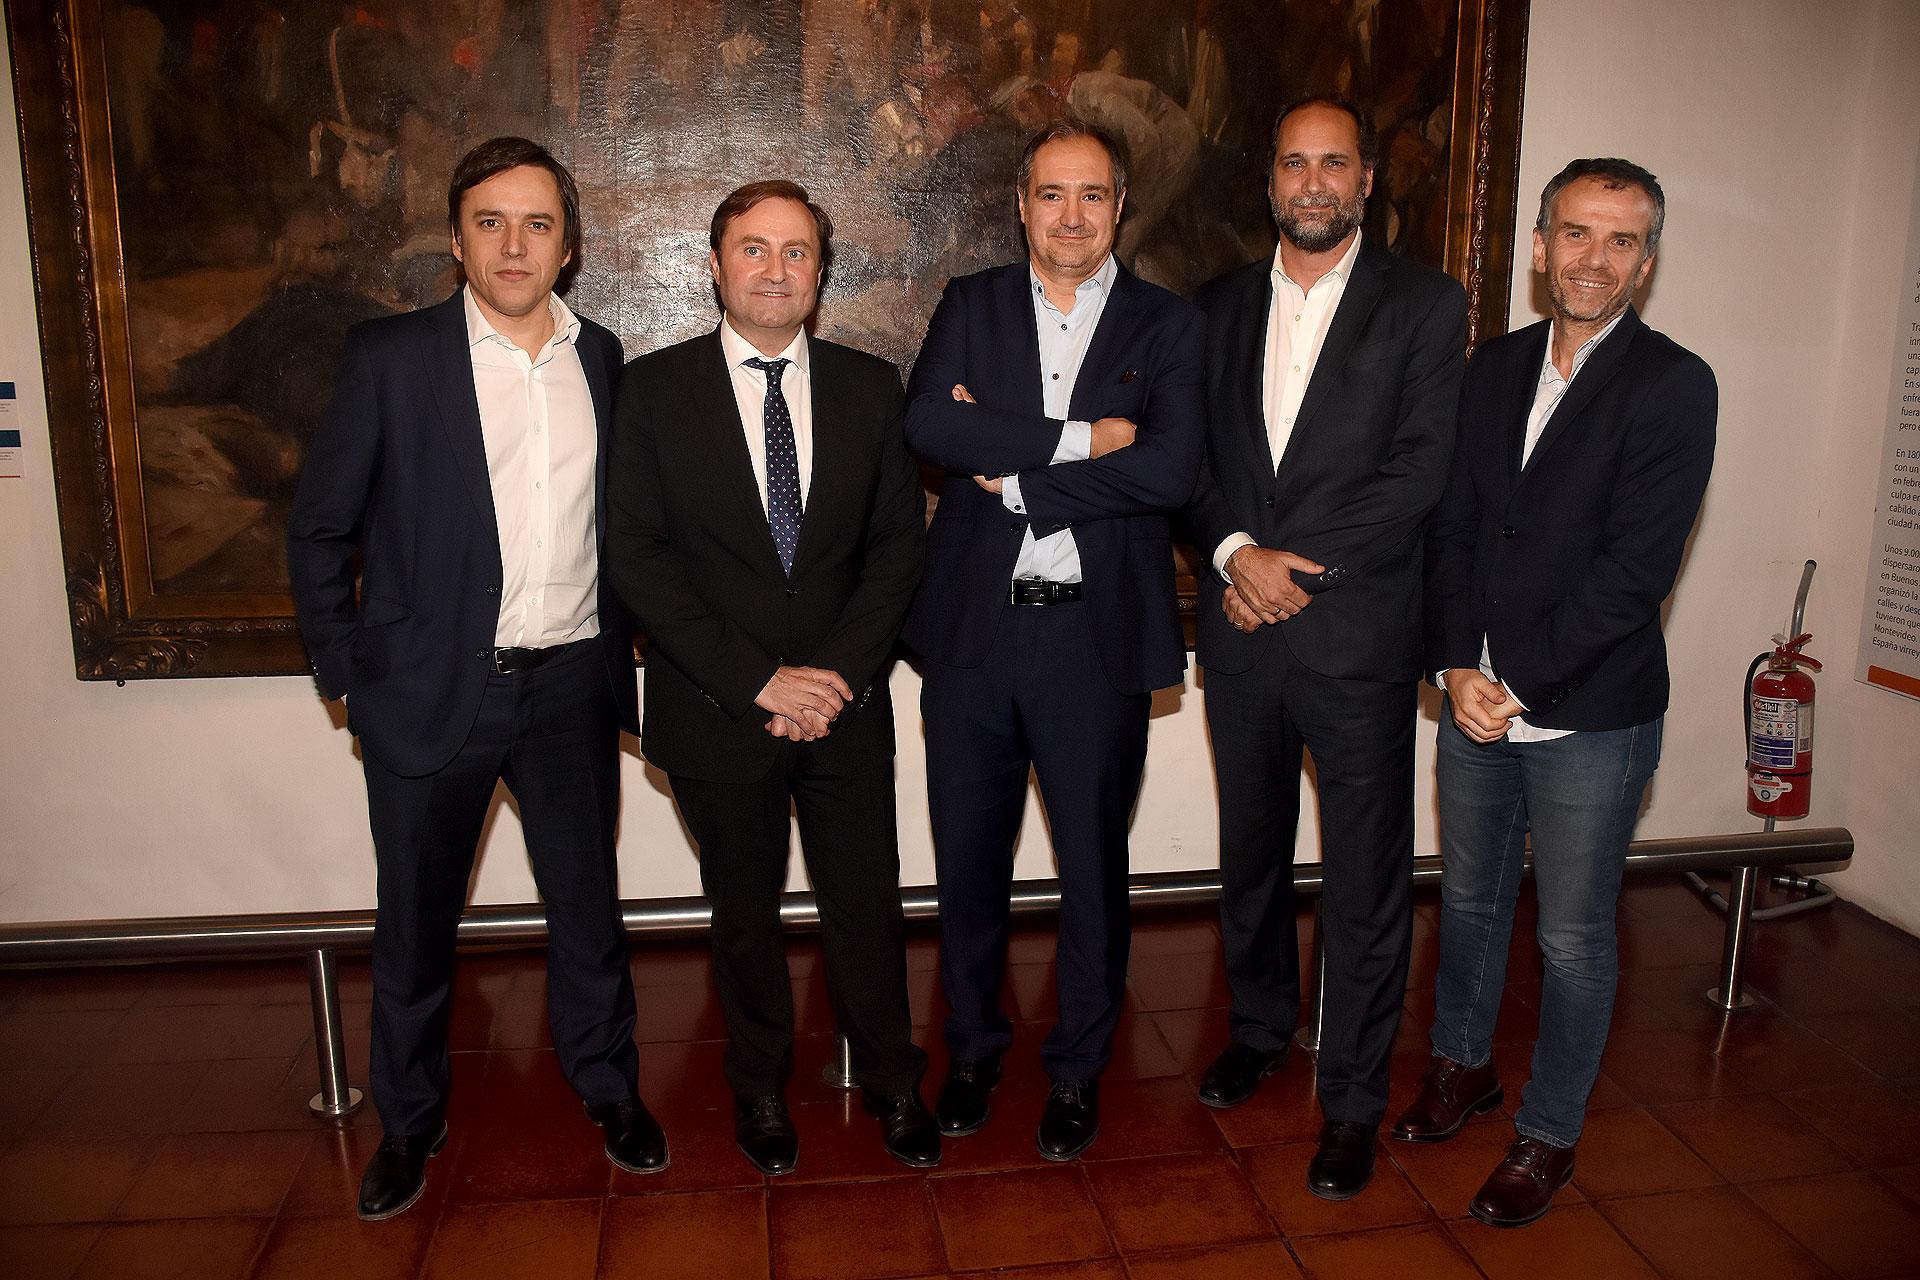 José Del Río, Néstor Sclauzero, Diego Cabot y Chani Guyot